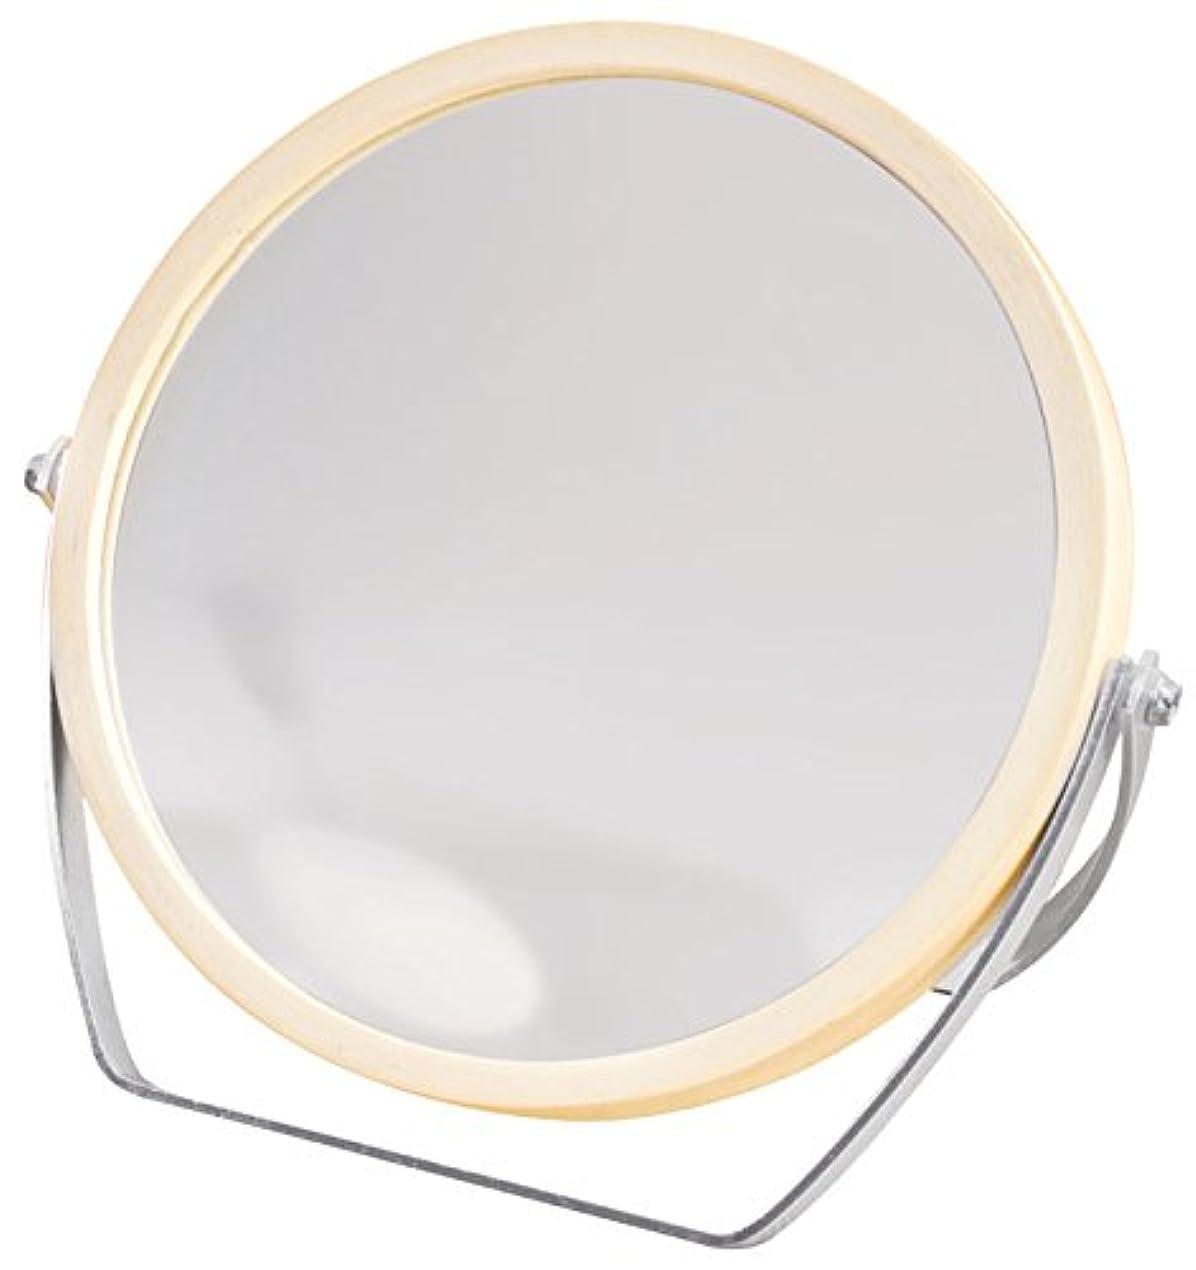 移行する類人猿汚染ウッドフレーム 2WAY 5倍拡大鏡付 両面 卓上ミラー (ロースタンドタイプ) ナチュラル YWM-1